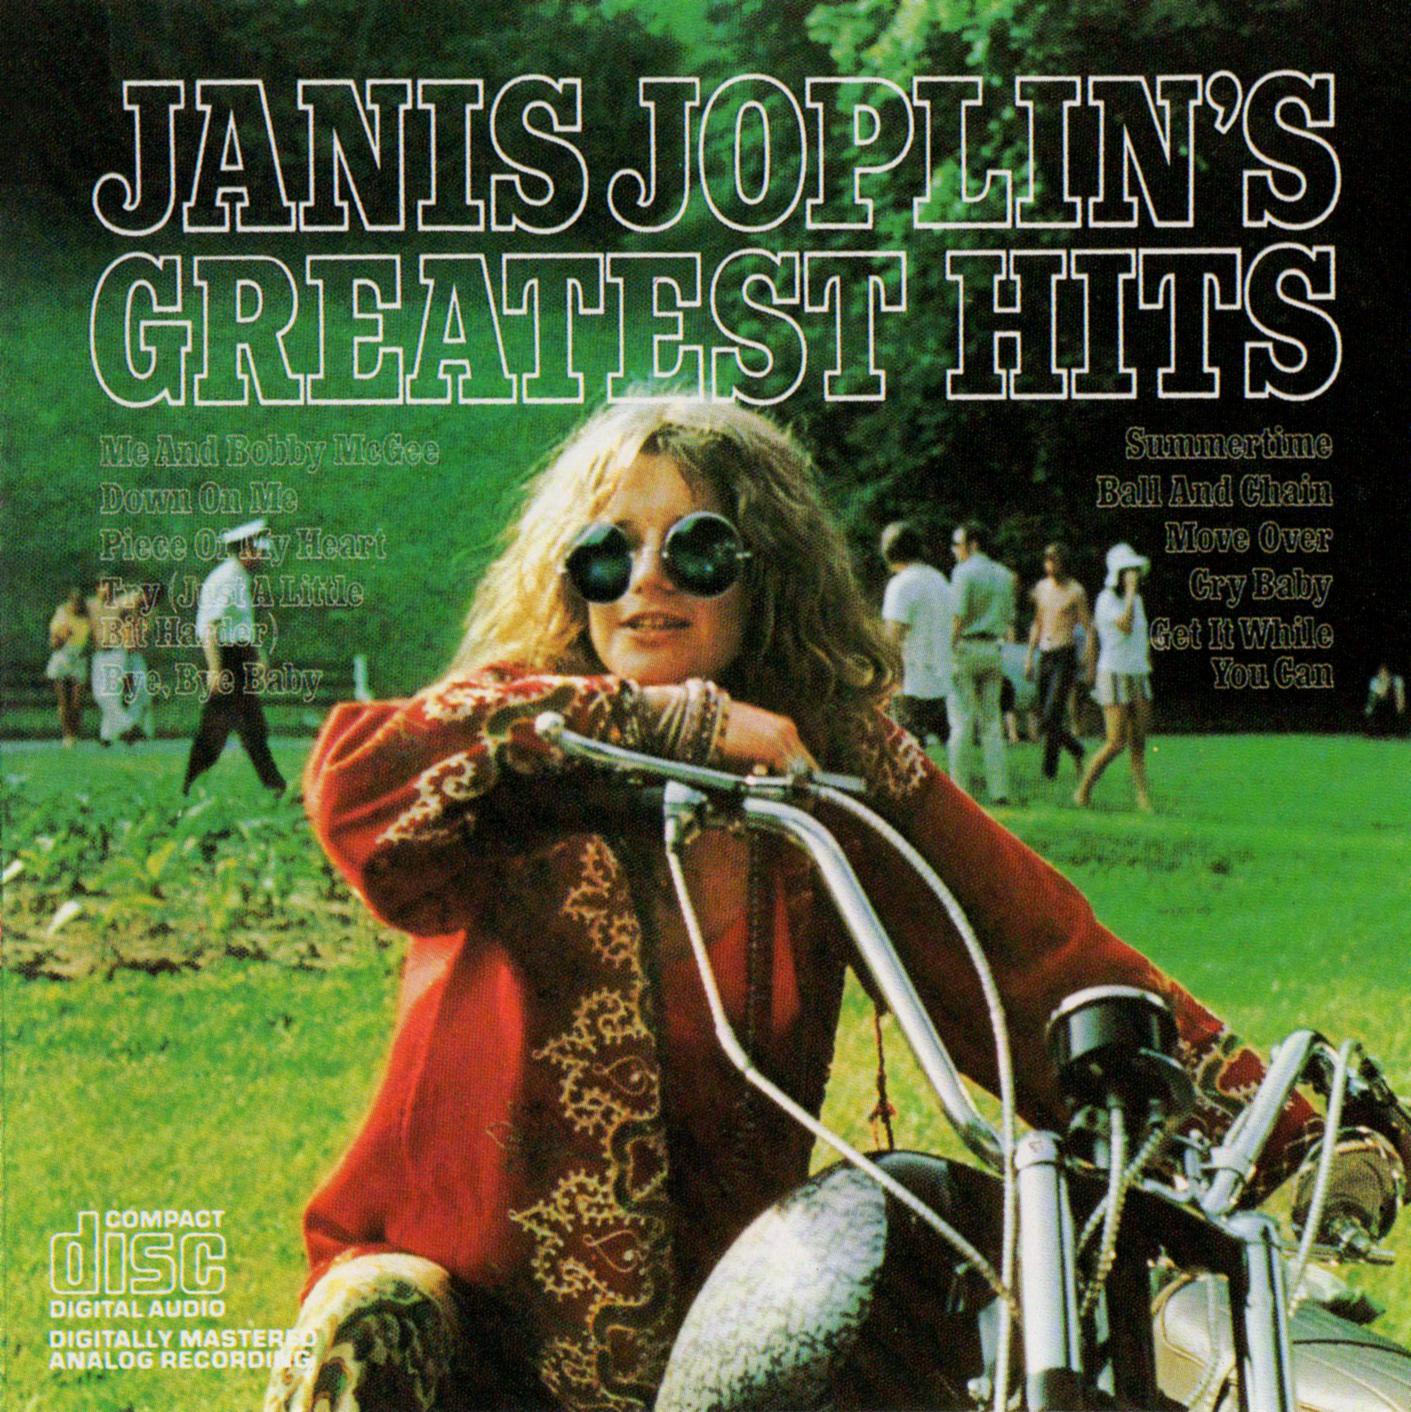 Janis Joplin (ジャニス・ジョプリン)『Janis Joplin's Greatest Hits (ジャニス・ジョプリン・グレイテスト・ヒッツ)』高画質CDジャケット画像